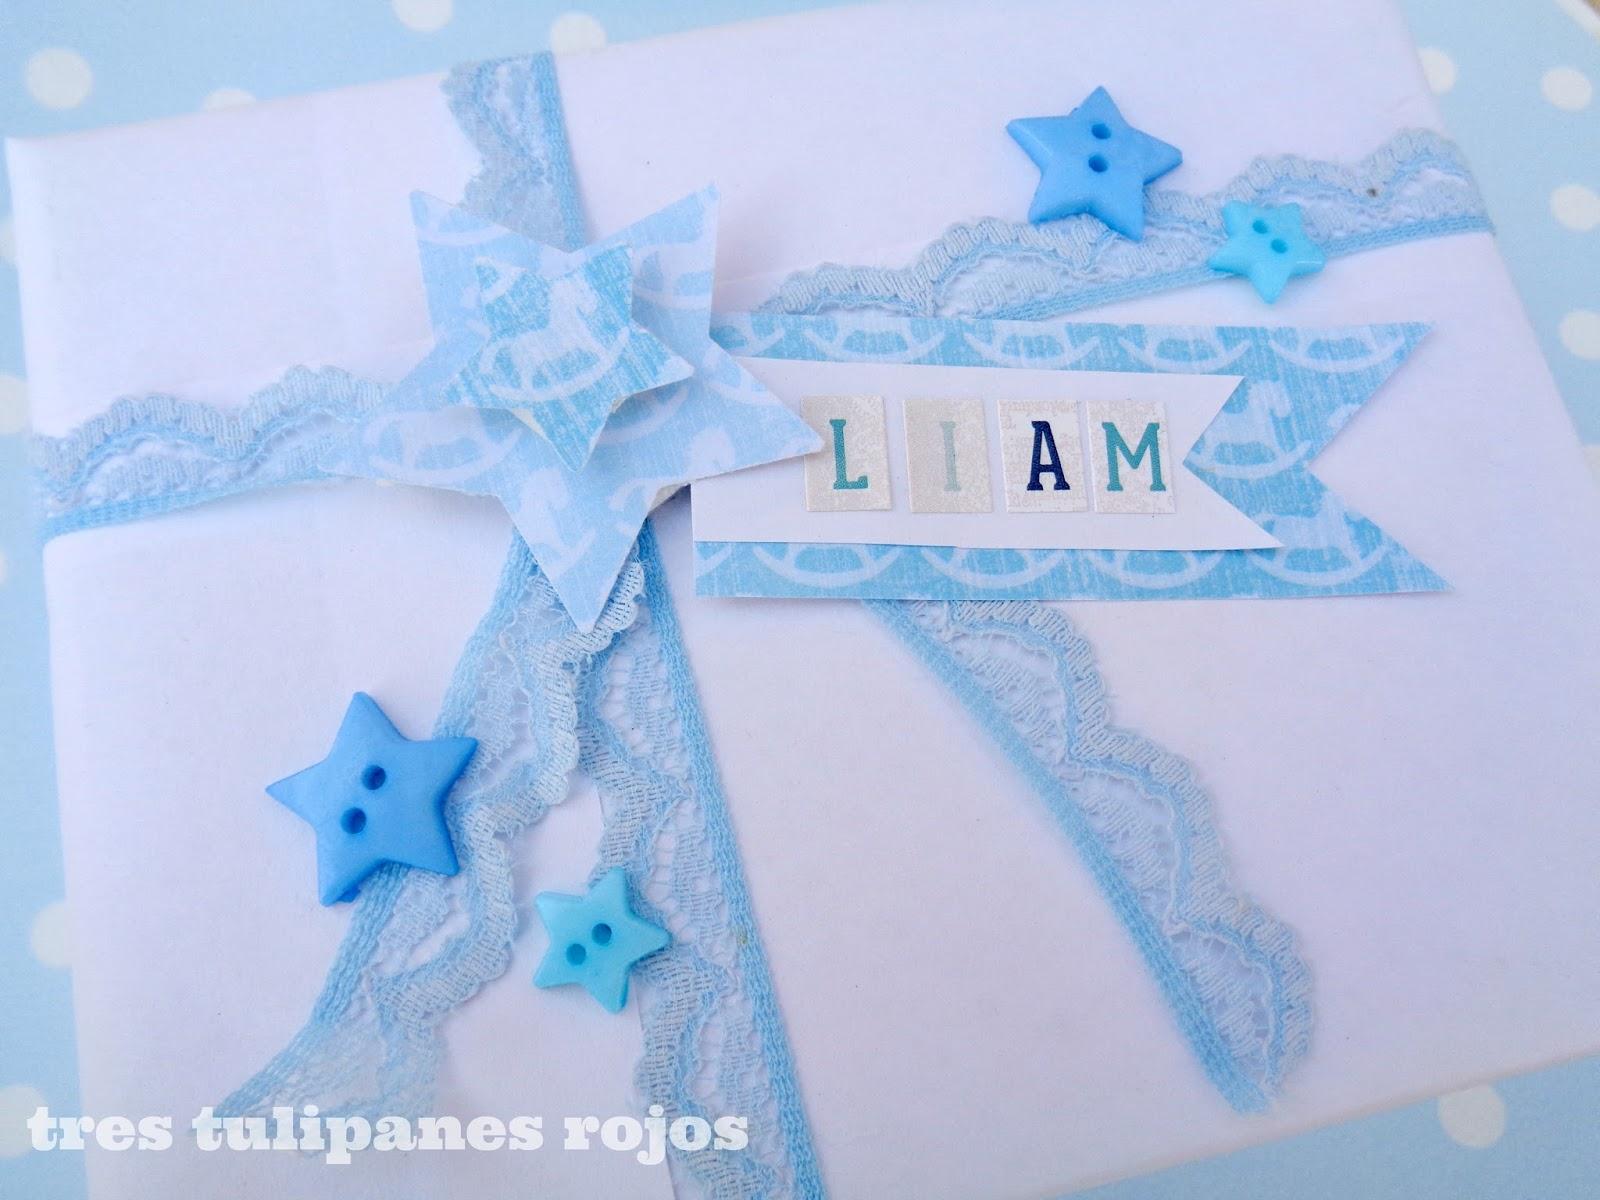 Para Liam: en blanco y celeste